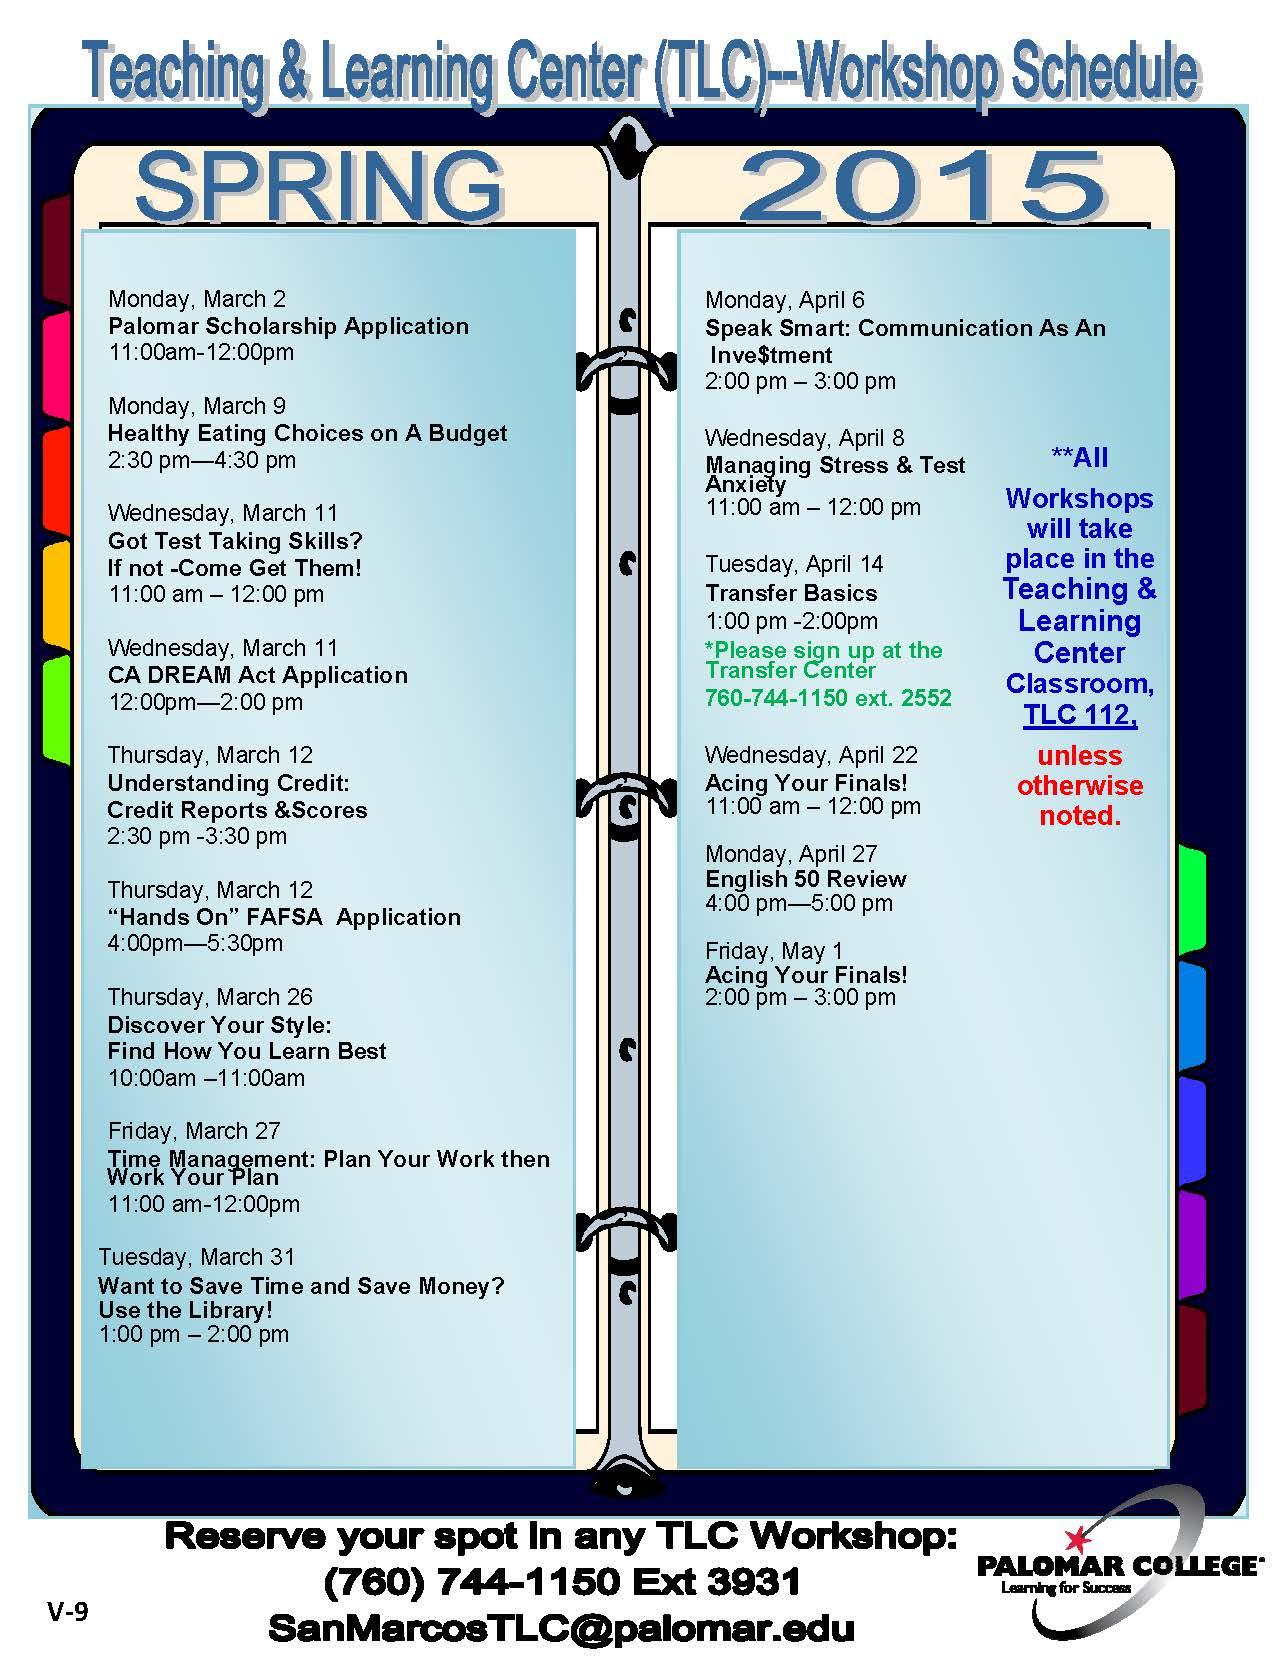 SP2015_TLC Workshop Schedule_V9